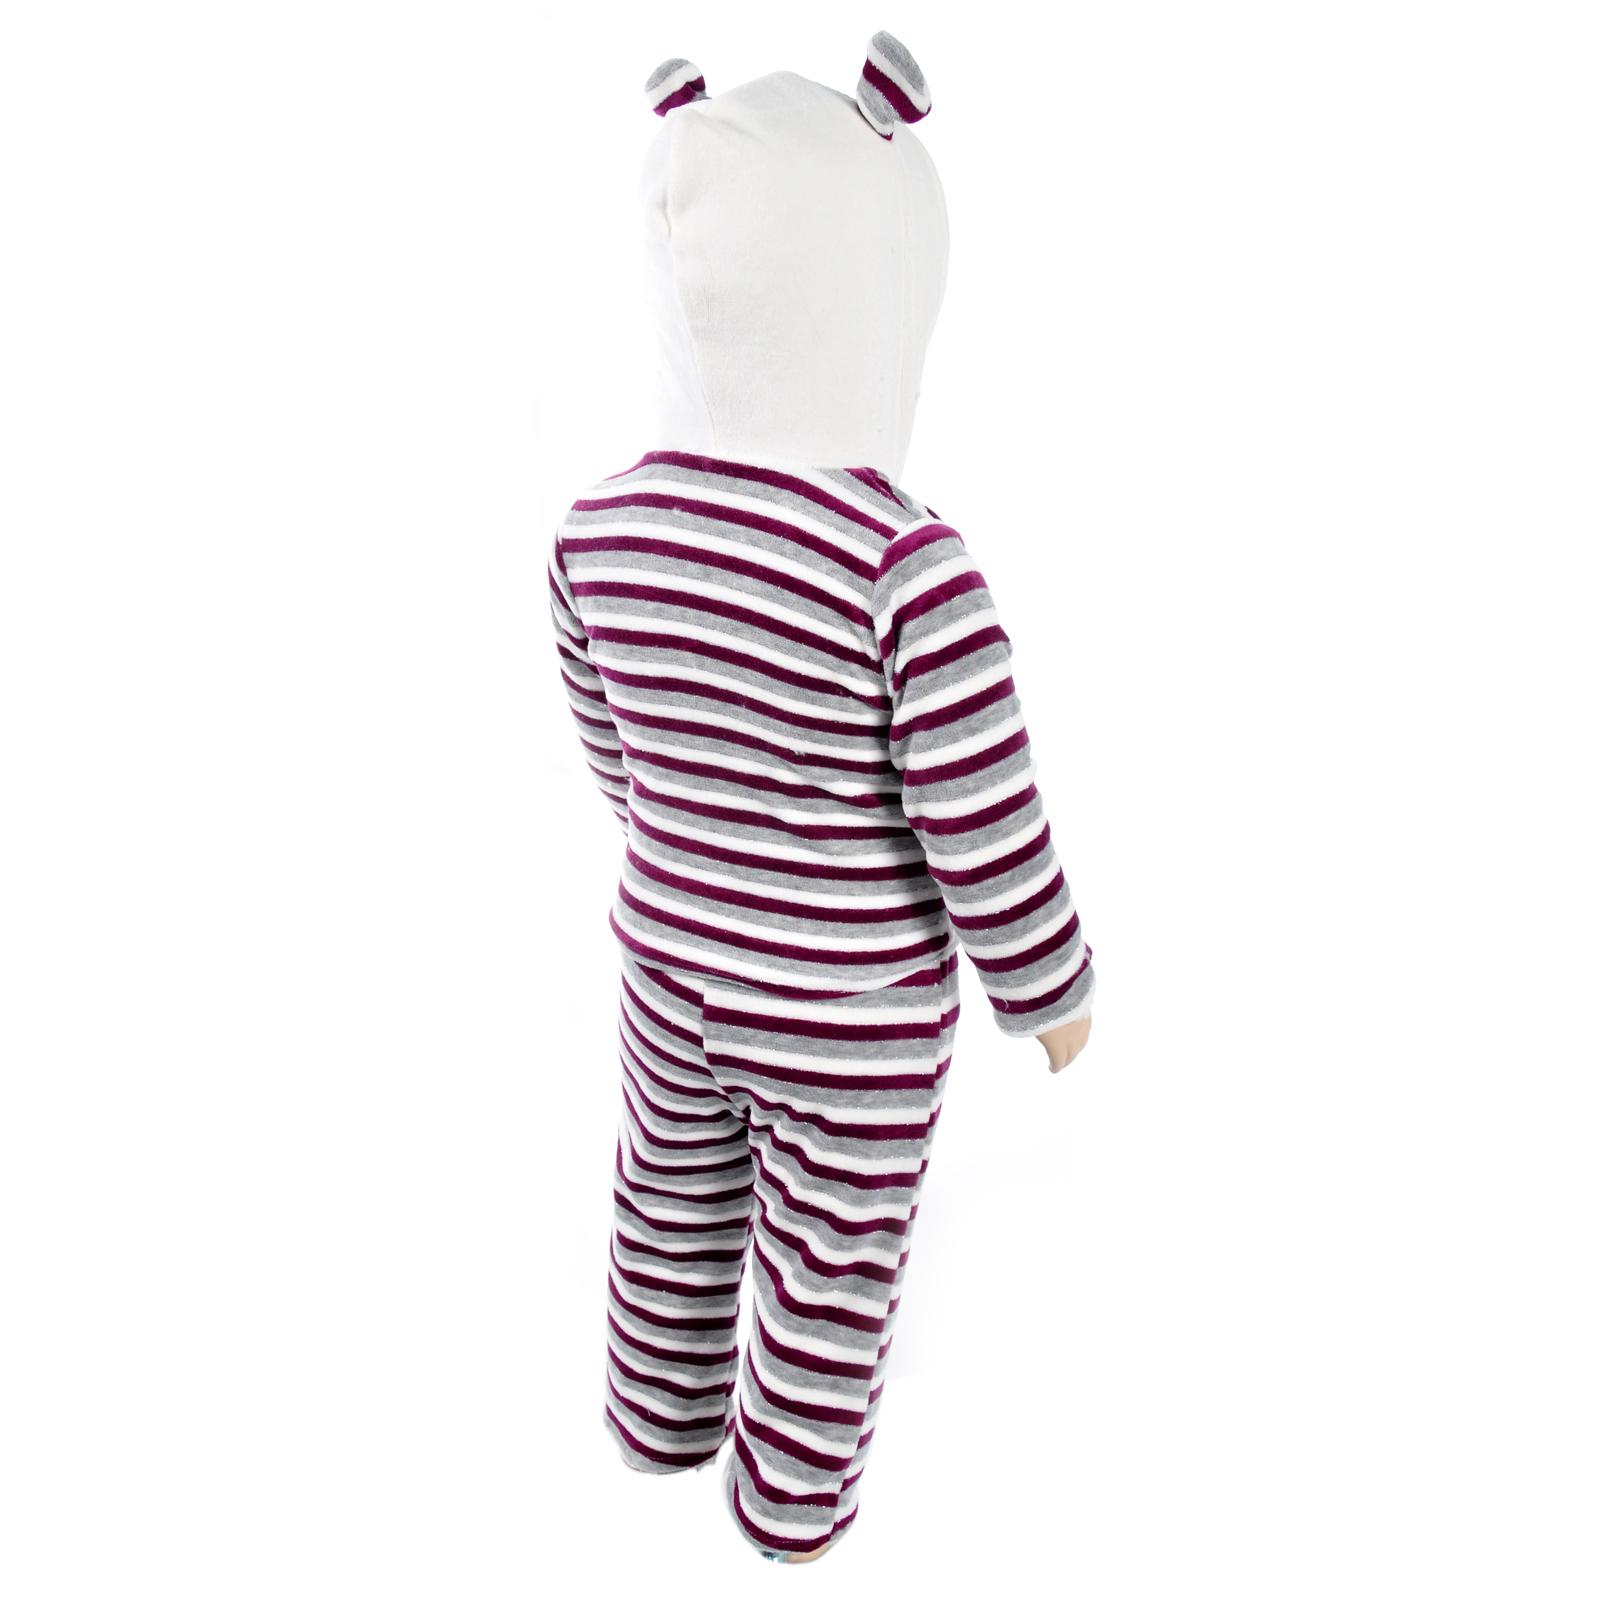 Комплект одежды Estella для девочки, брюки, кофточка, цвет - Темно-розовый Размер 80